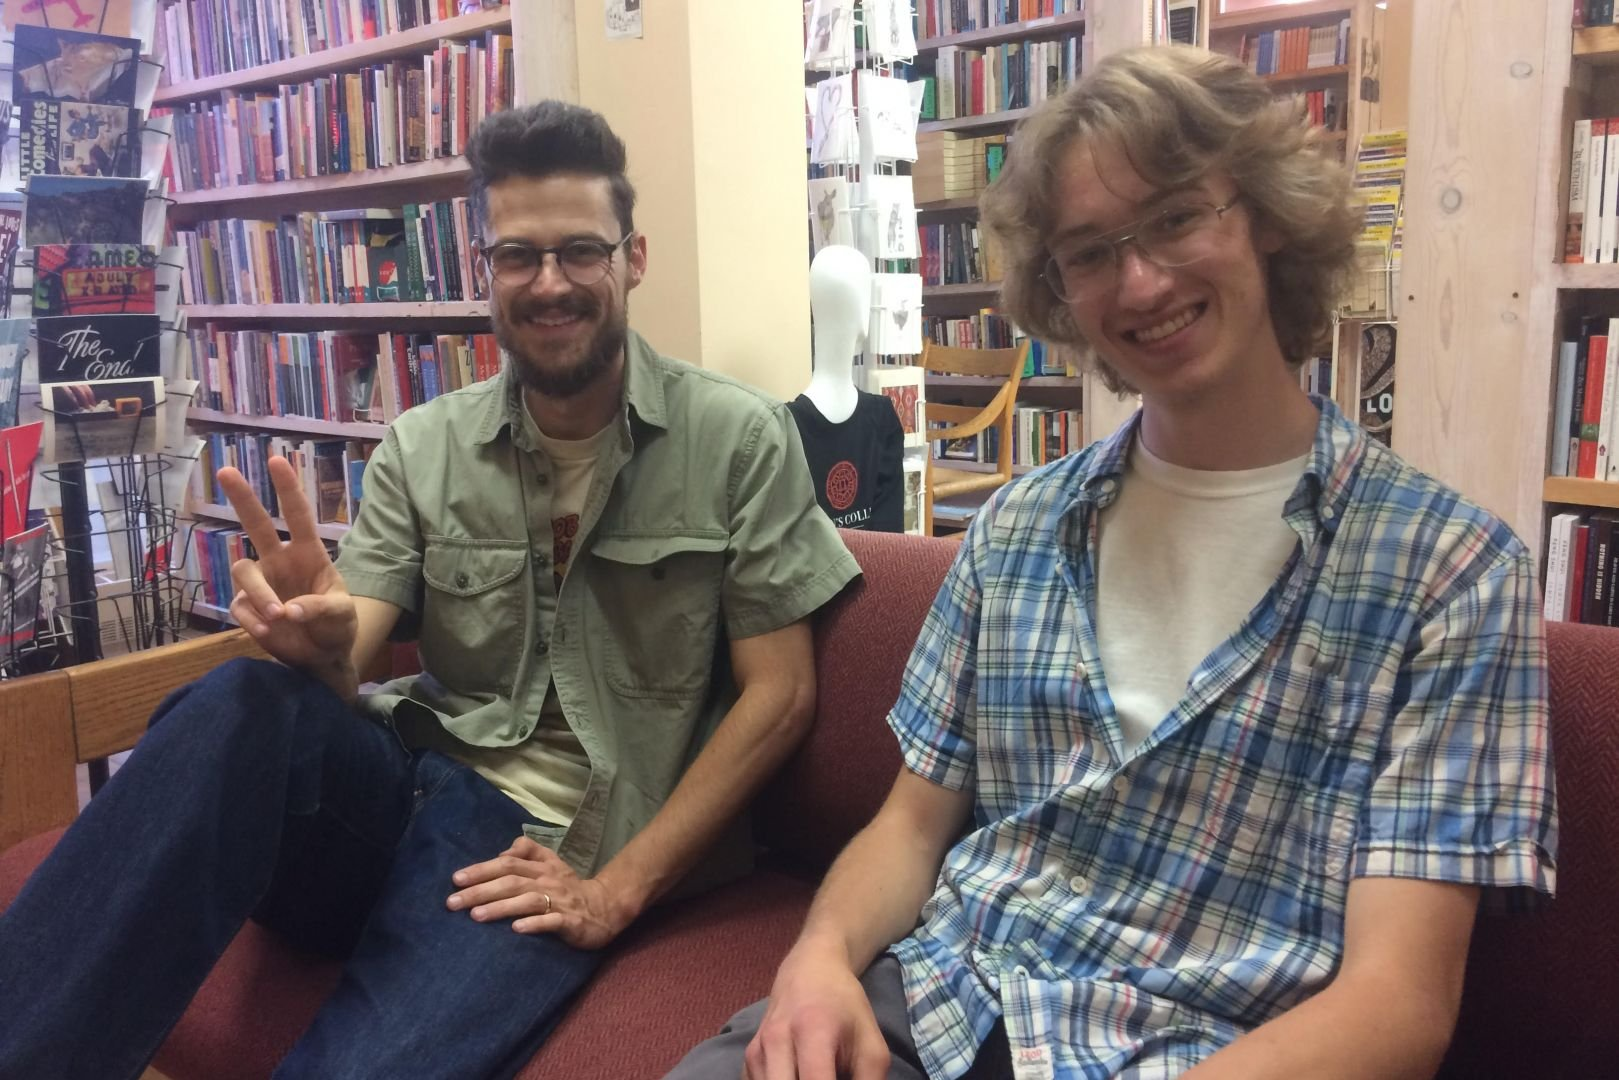 Ken Baumann and student